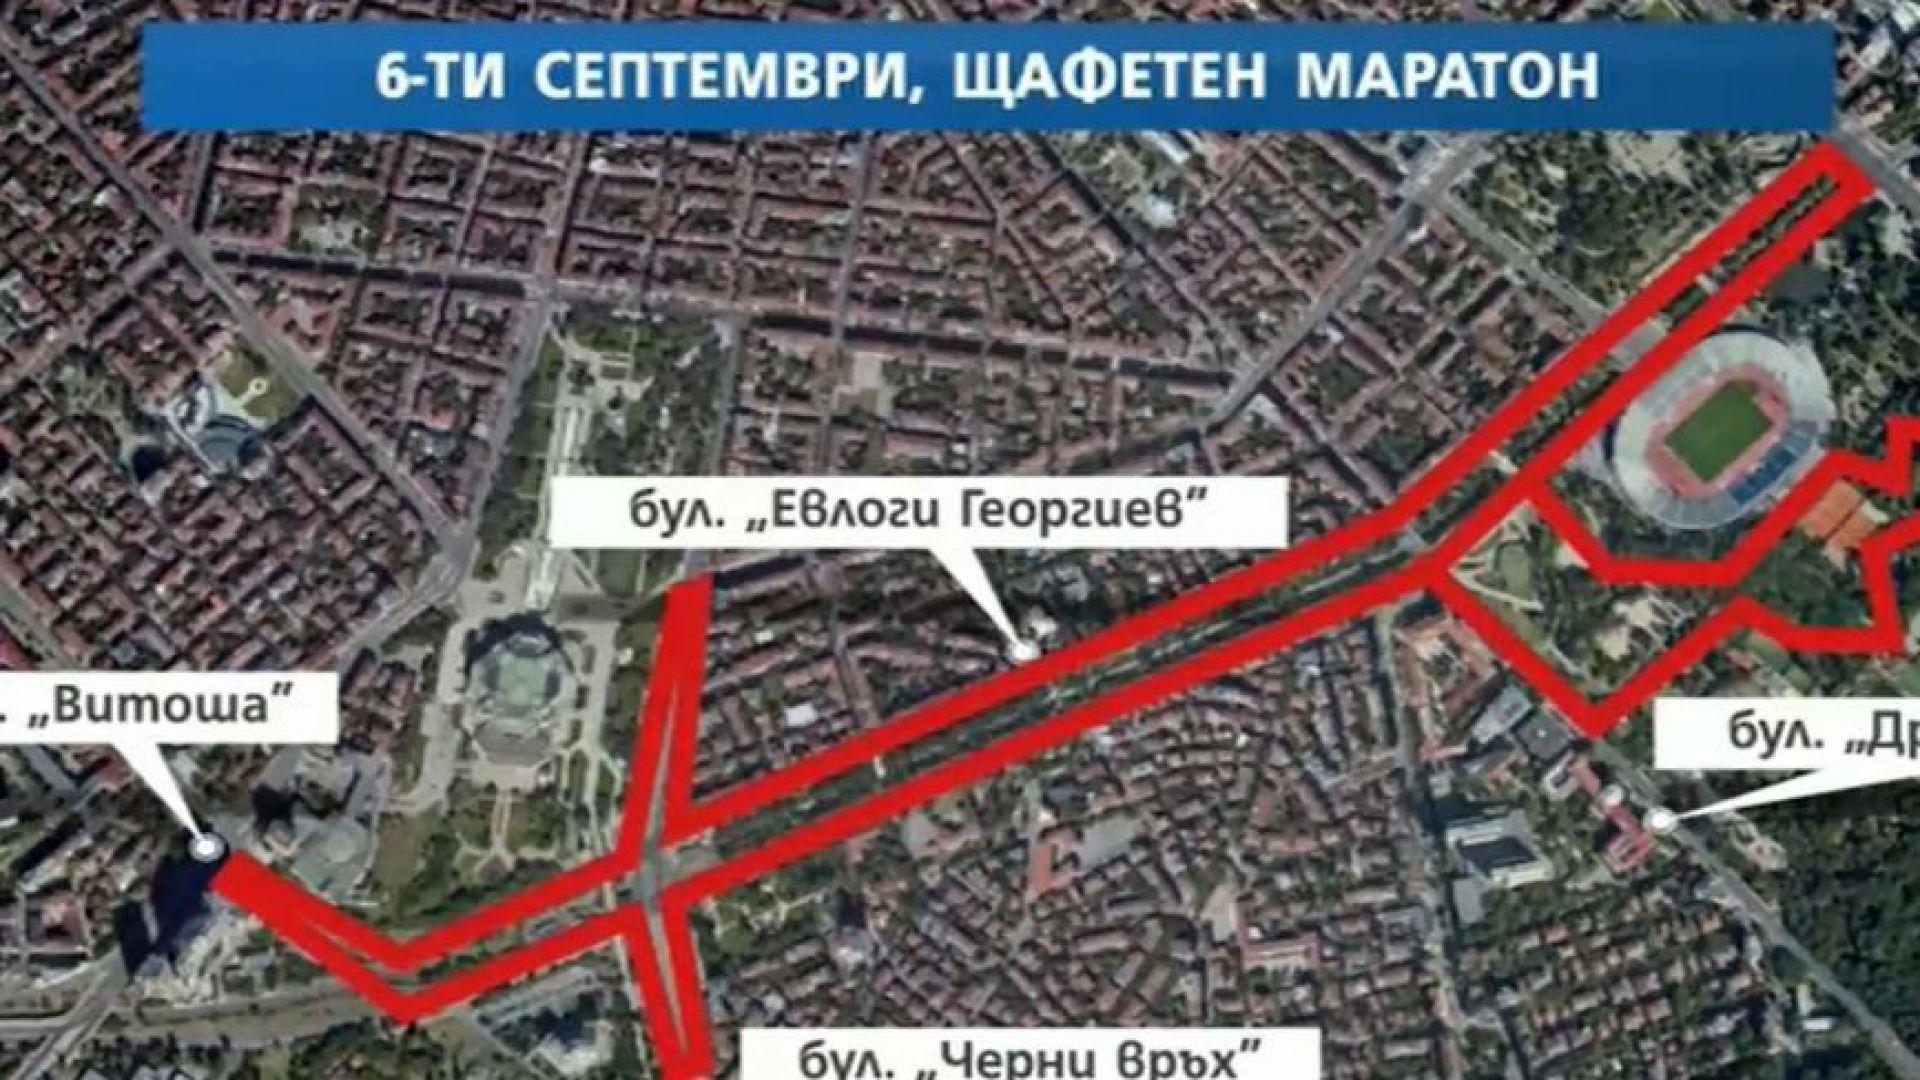 Затварят центъра на София заради щафетен маратон